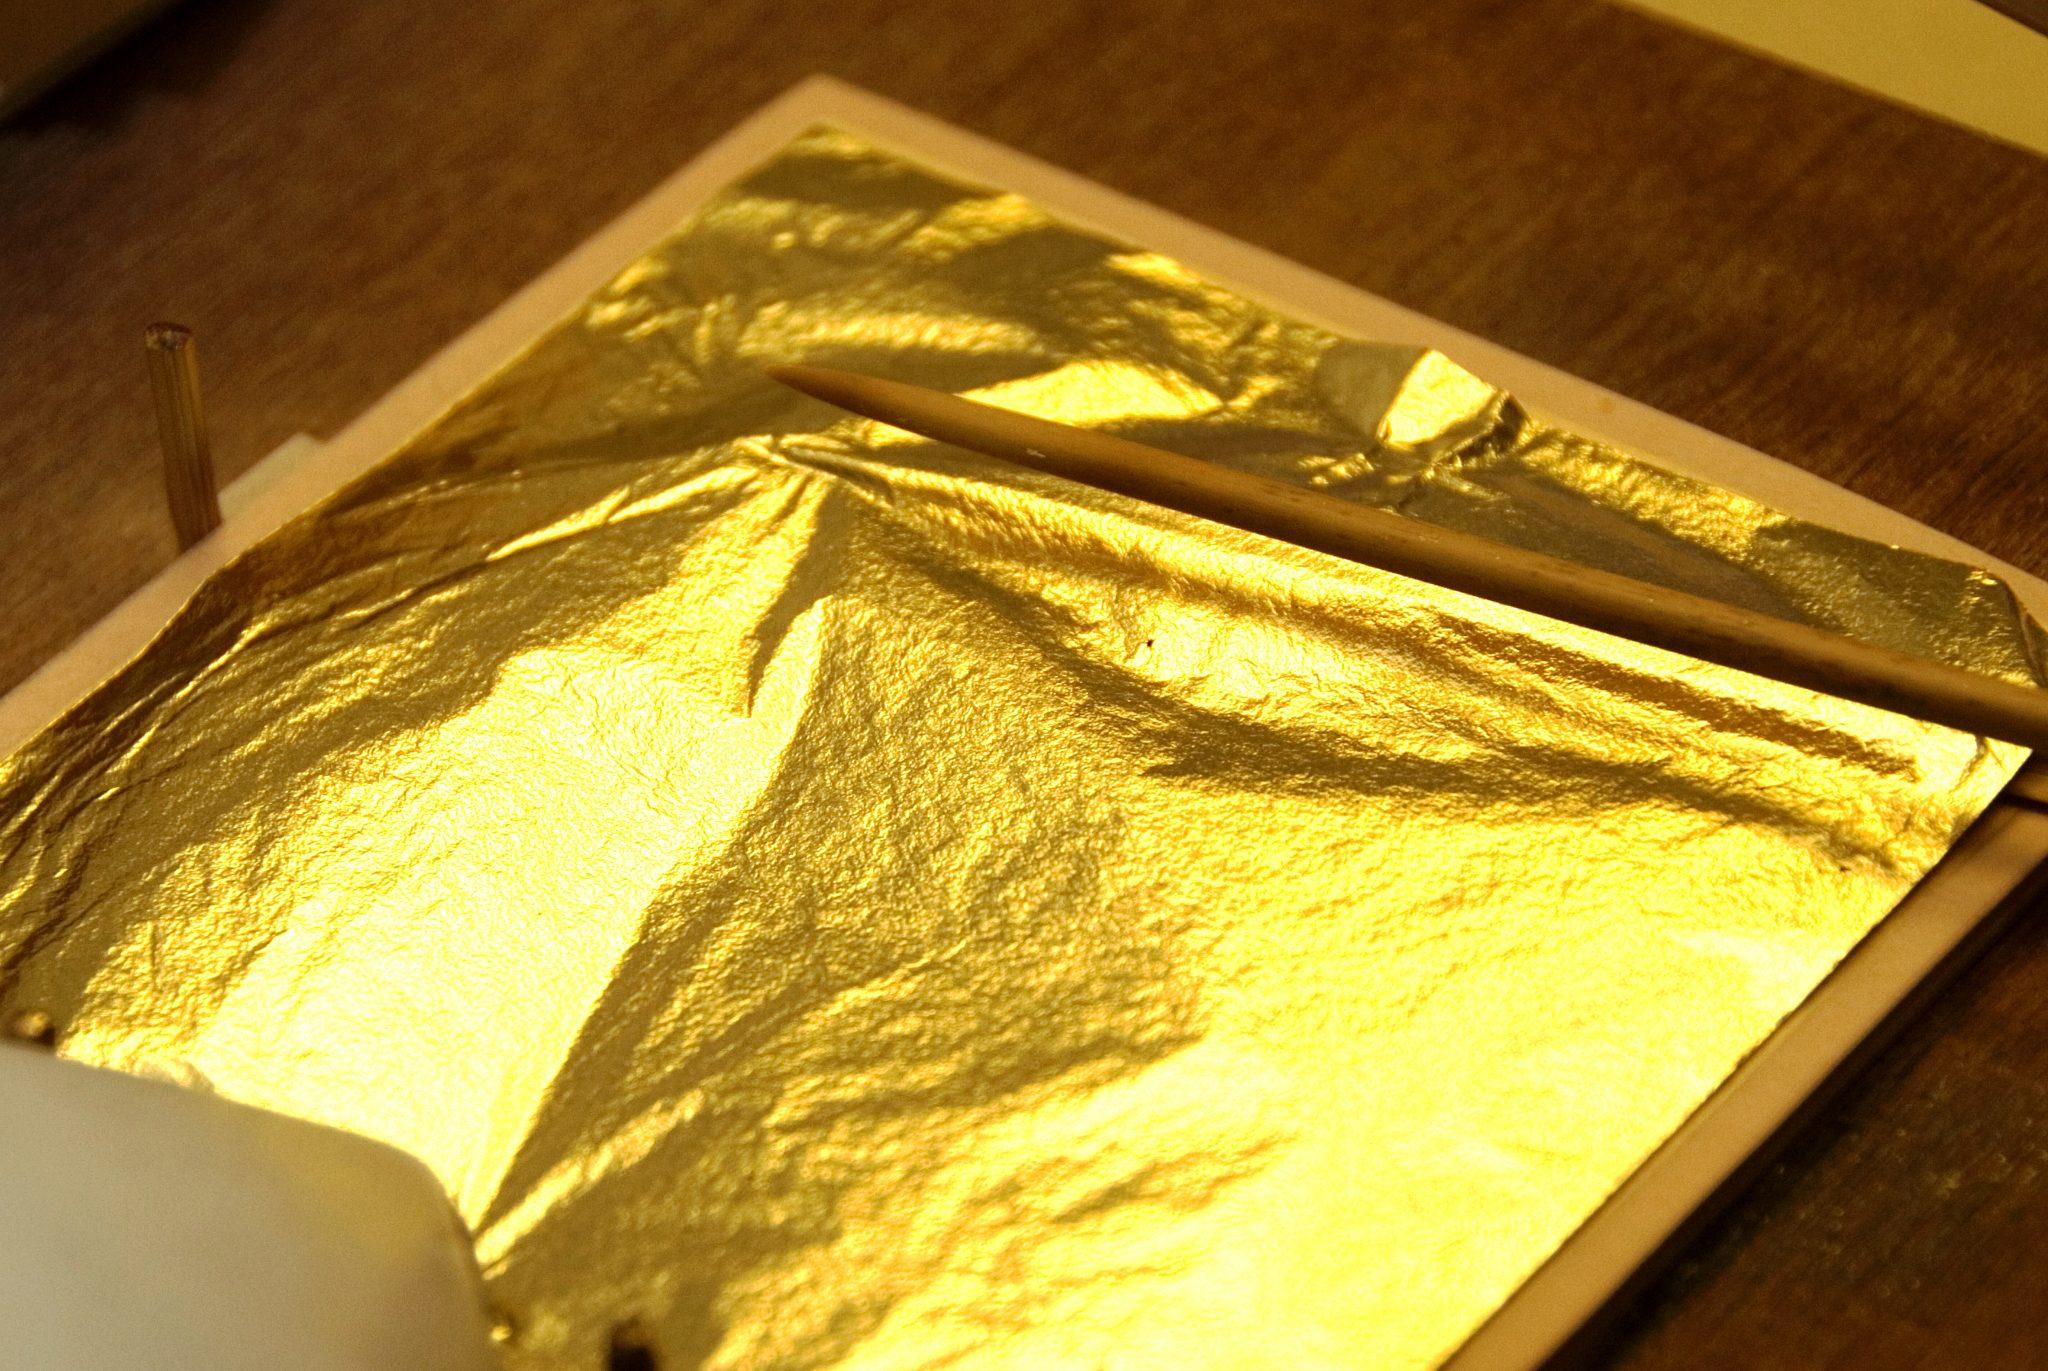 آموزش اجرای ورق طلا روی ابزار سقف و دیوار